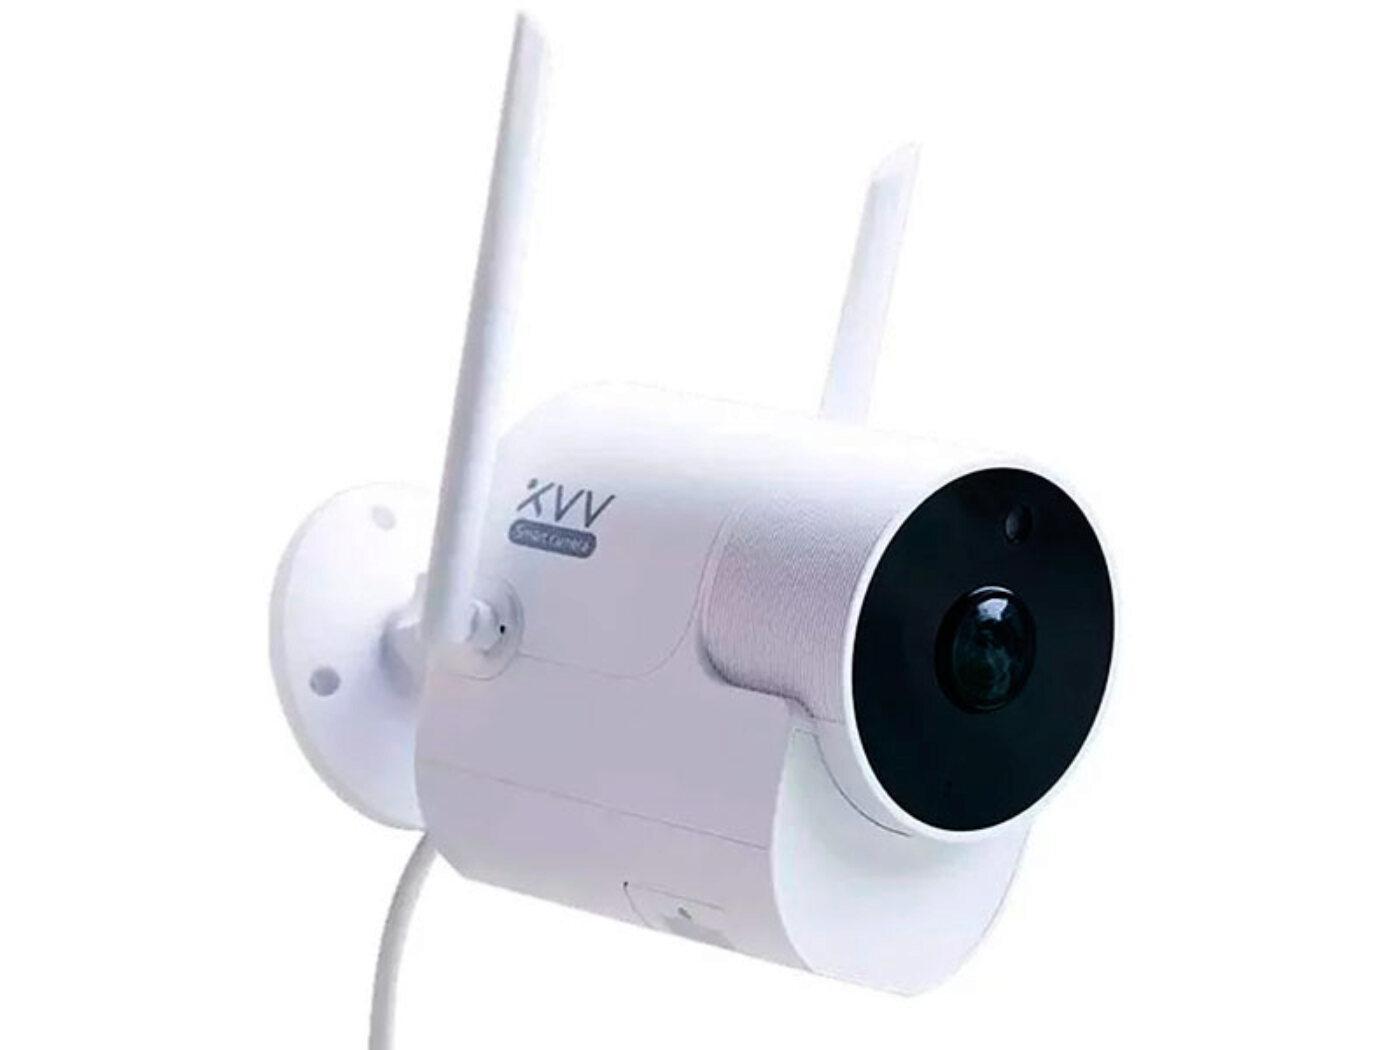 iP камеры, видеорегистраторы Уличная IP камера Xiaomi Xiaovv (XVV-1120S-B1) ip-kamera-xiaomi-xiaovv-xvv-1120s-b1.jpg